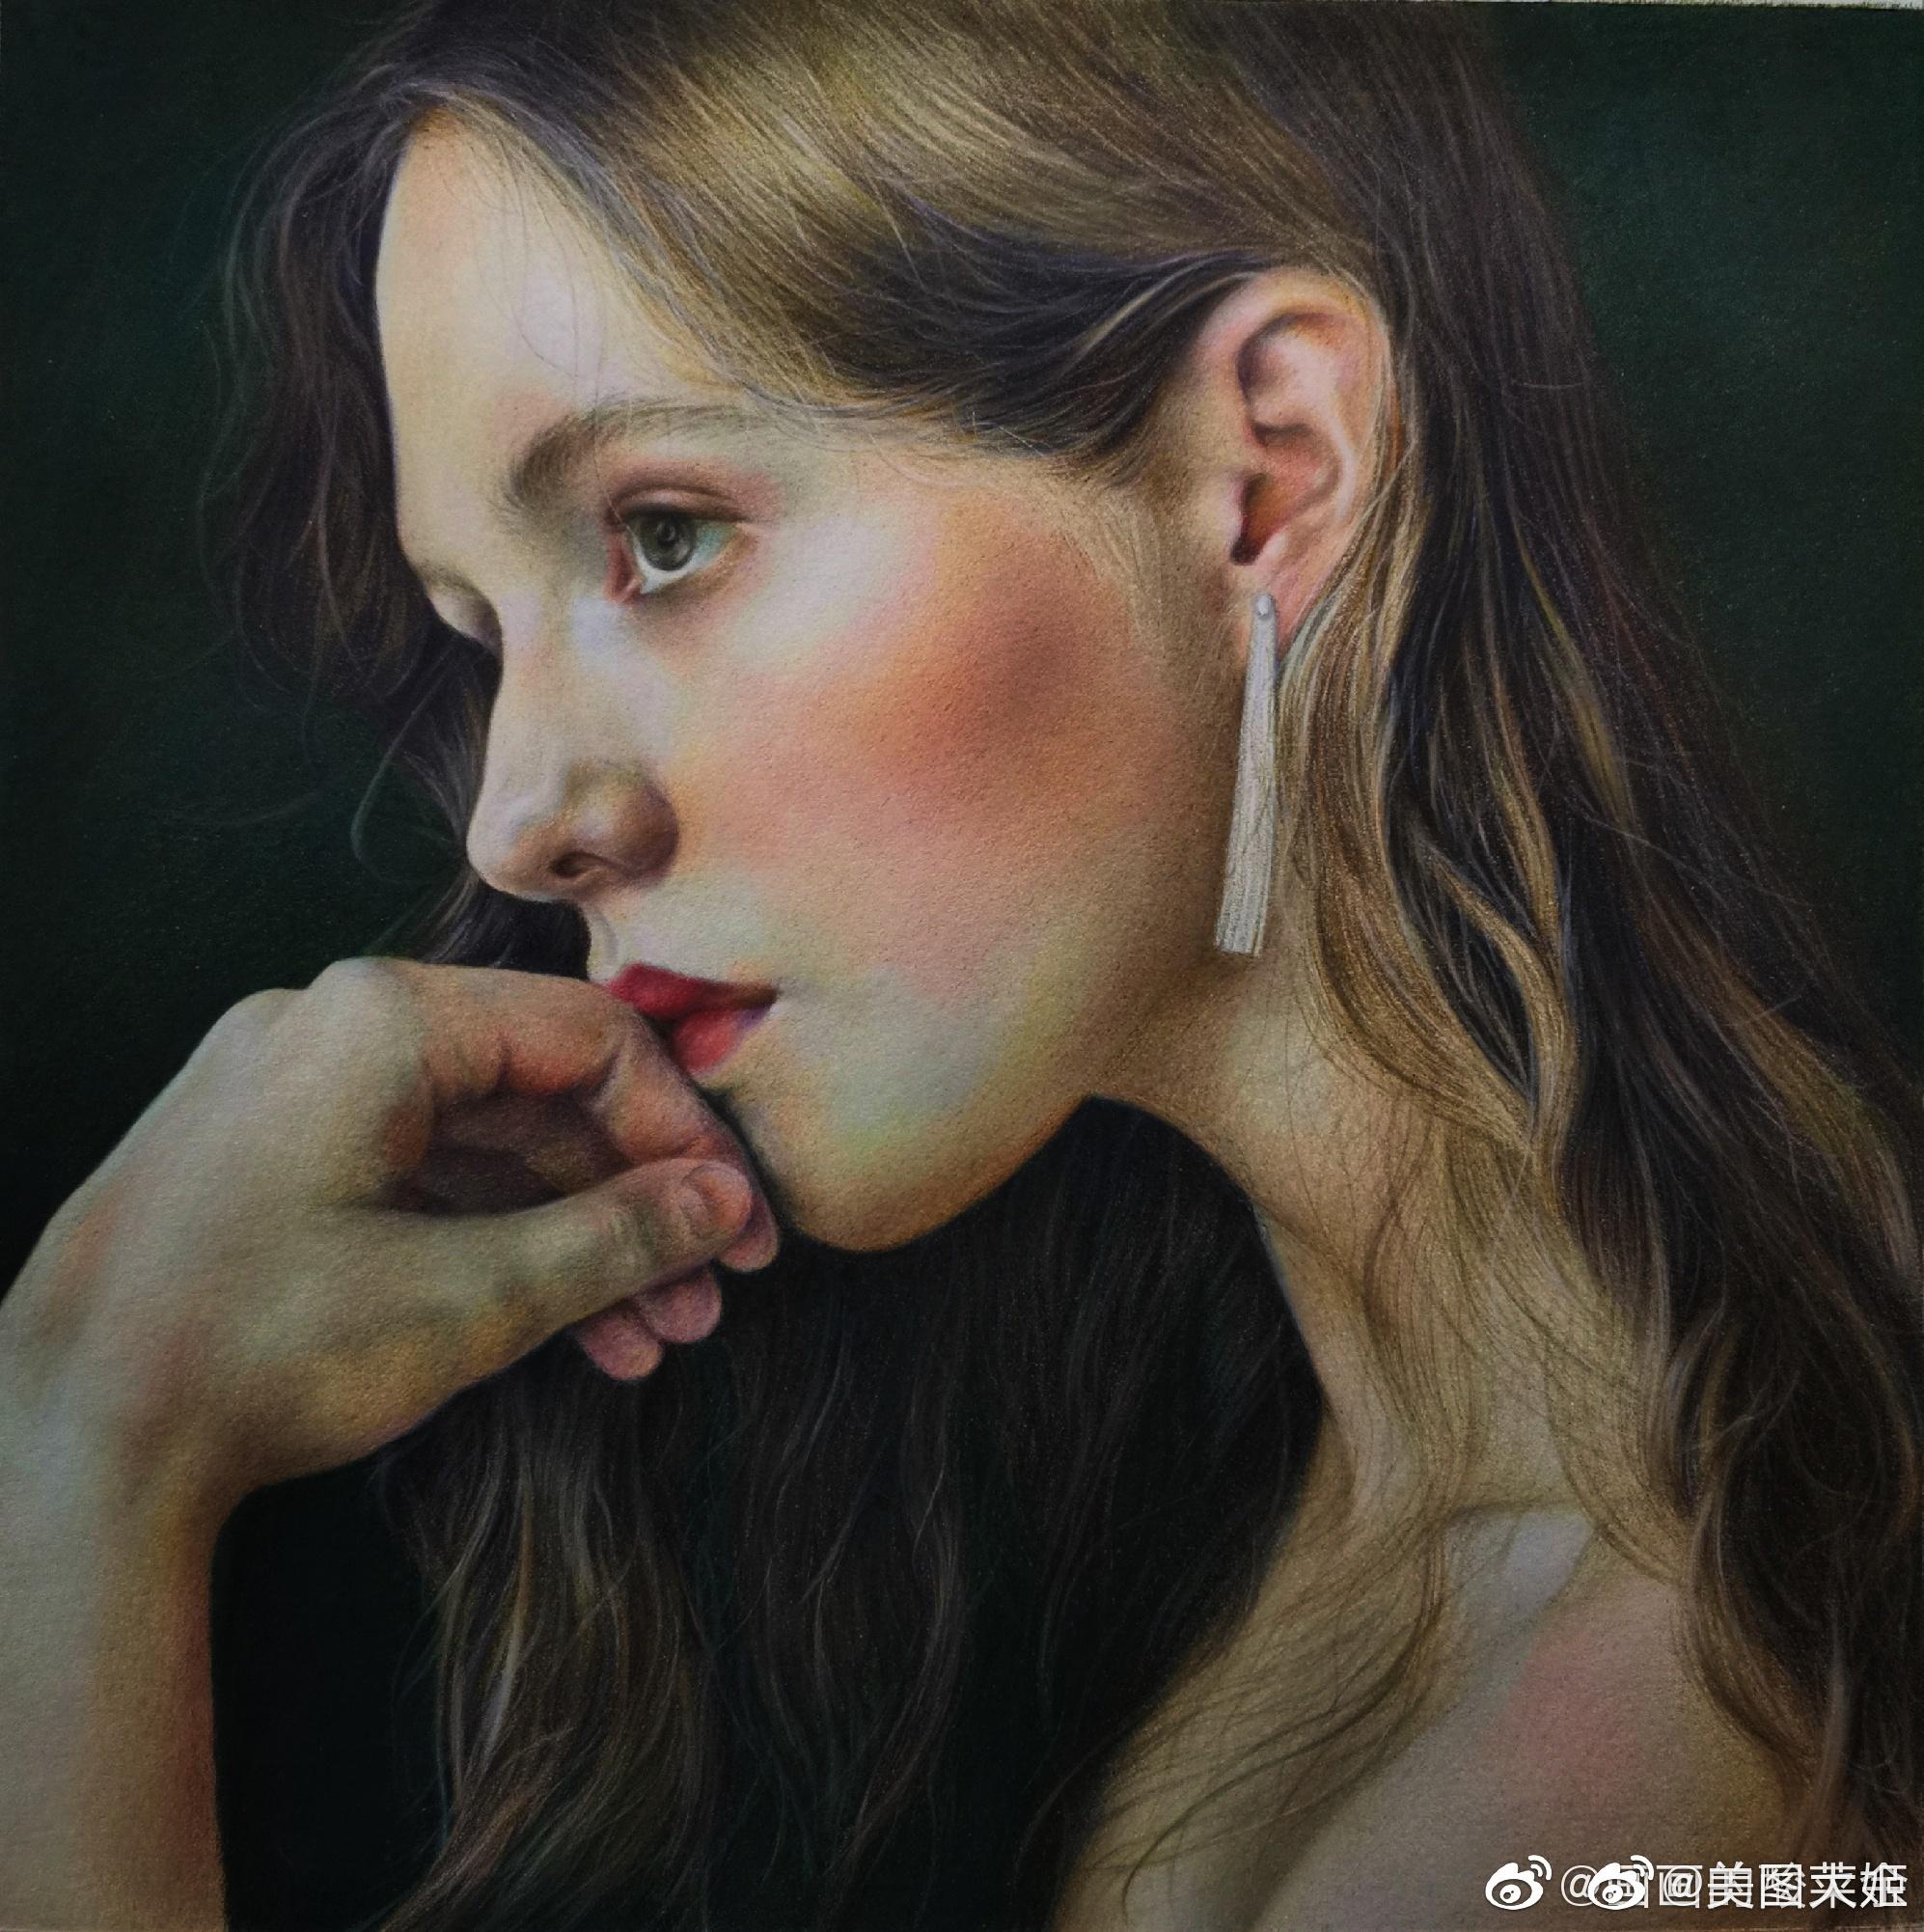 彩铅画手绘作品    美女作者:画画的酸菜鱼